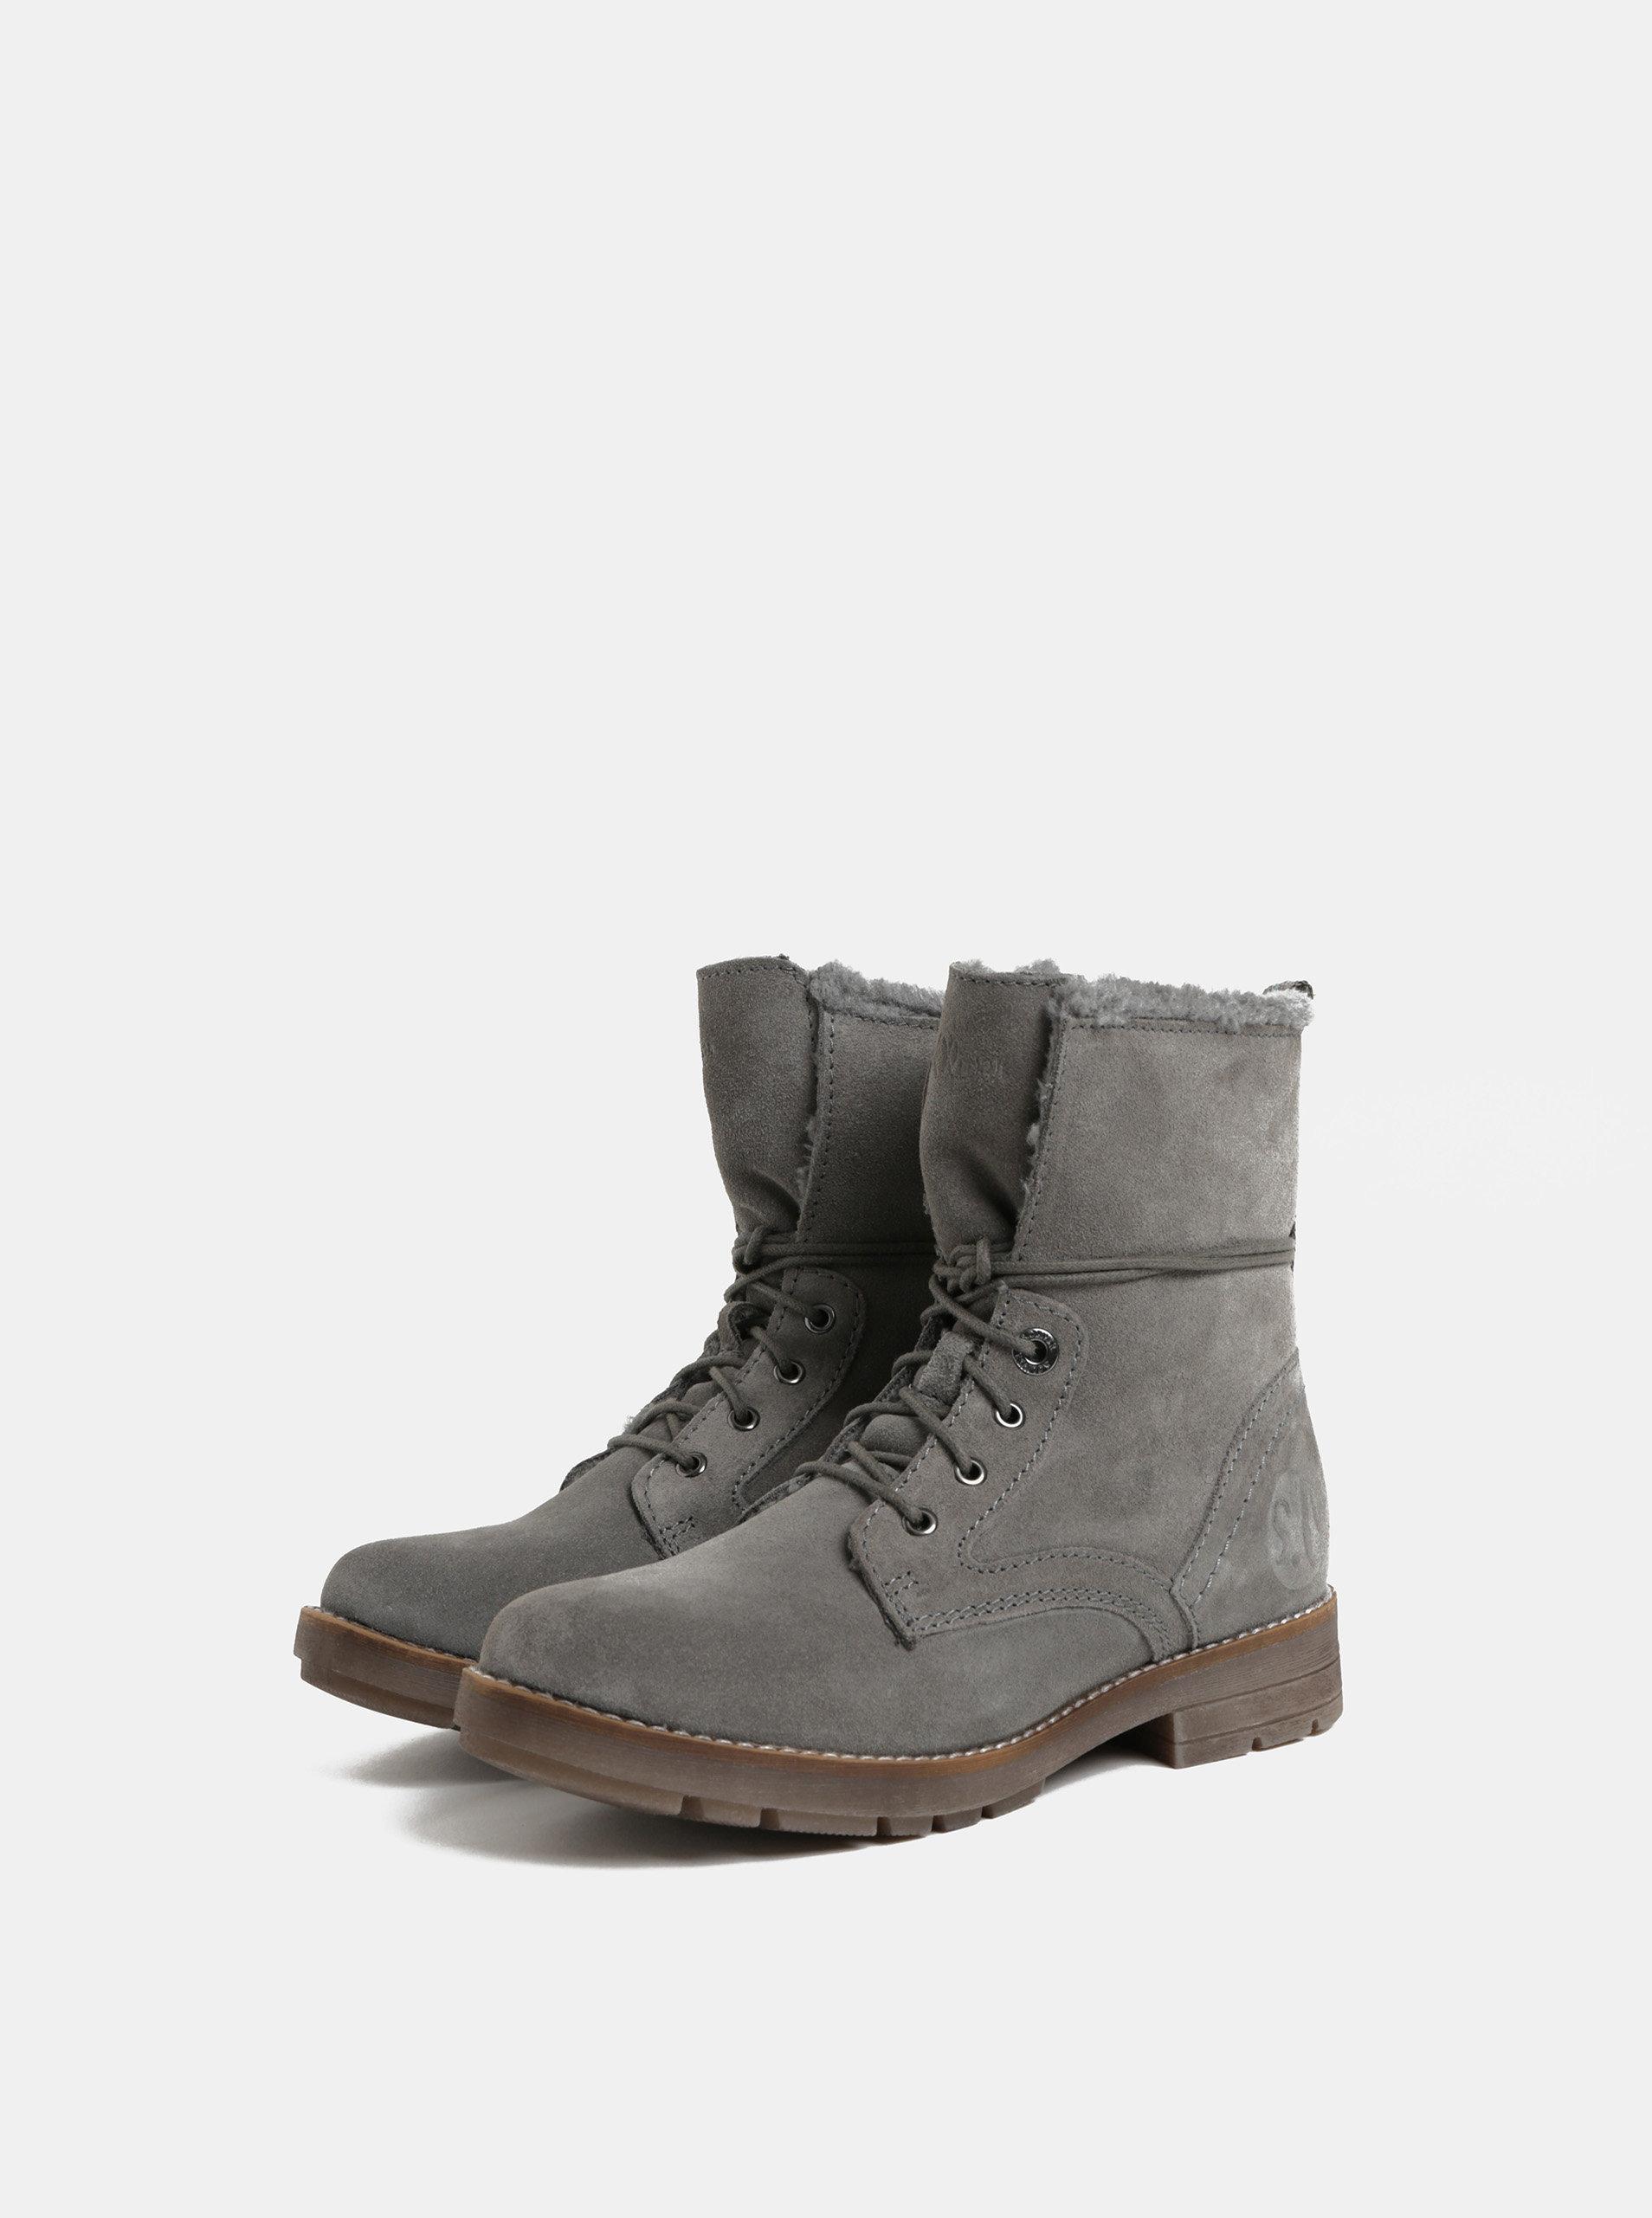 6f20ec6828 Sivé dámske zimné semišové členkové topánky s.Oliver